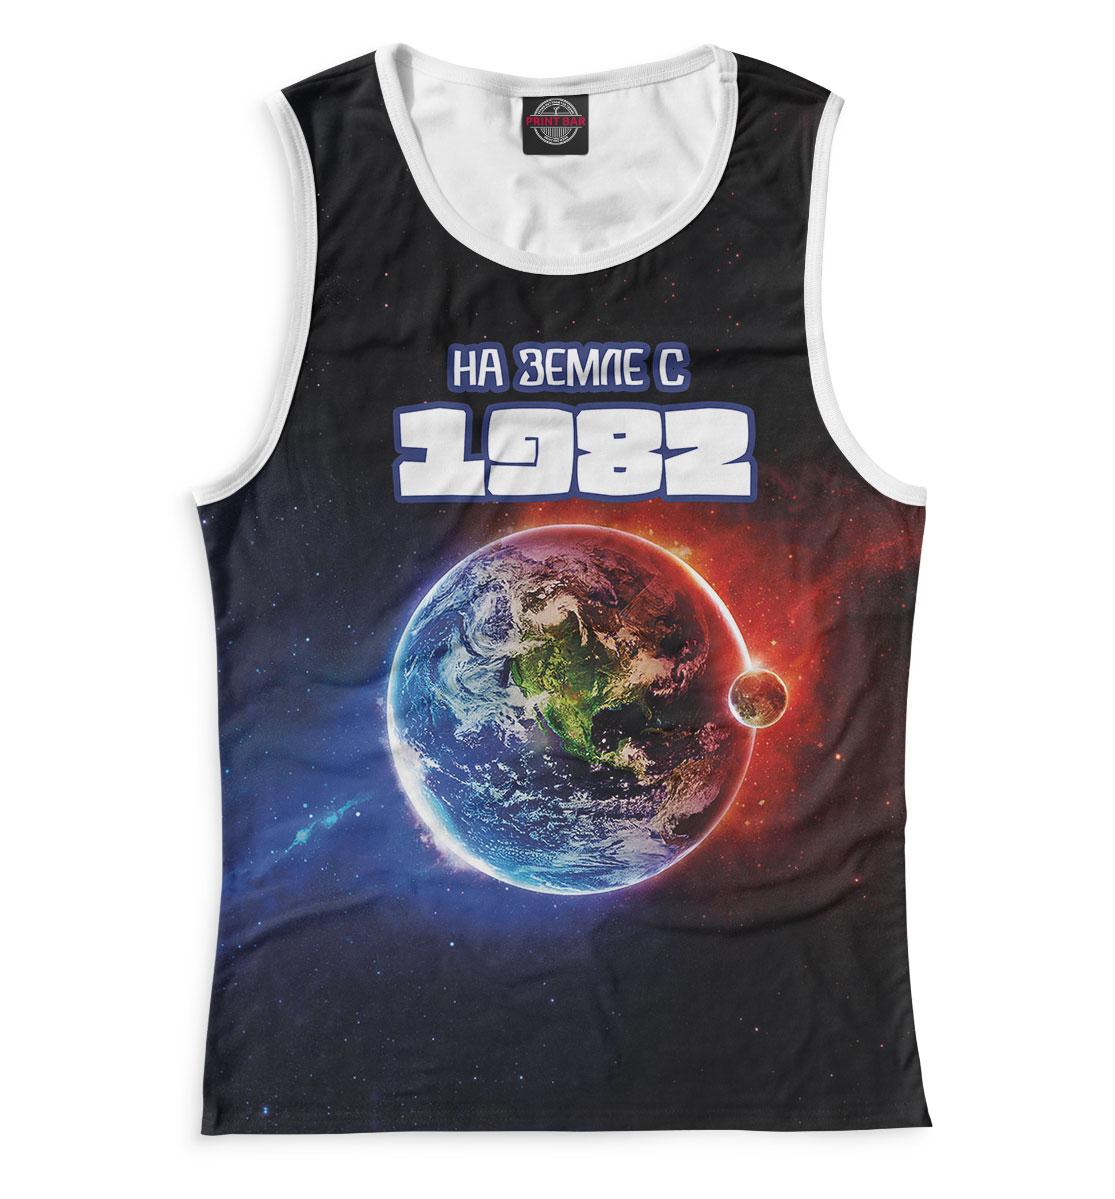 Купить На Земле с 1982, Printbar, Майки, DVD-986196-may-1